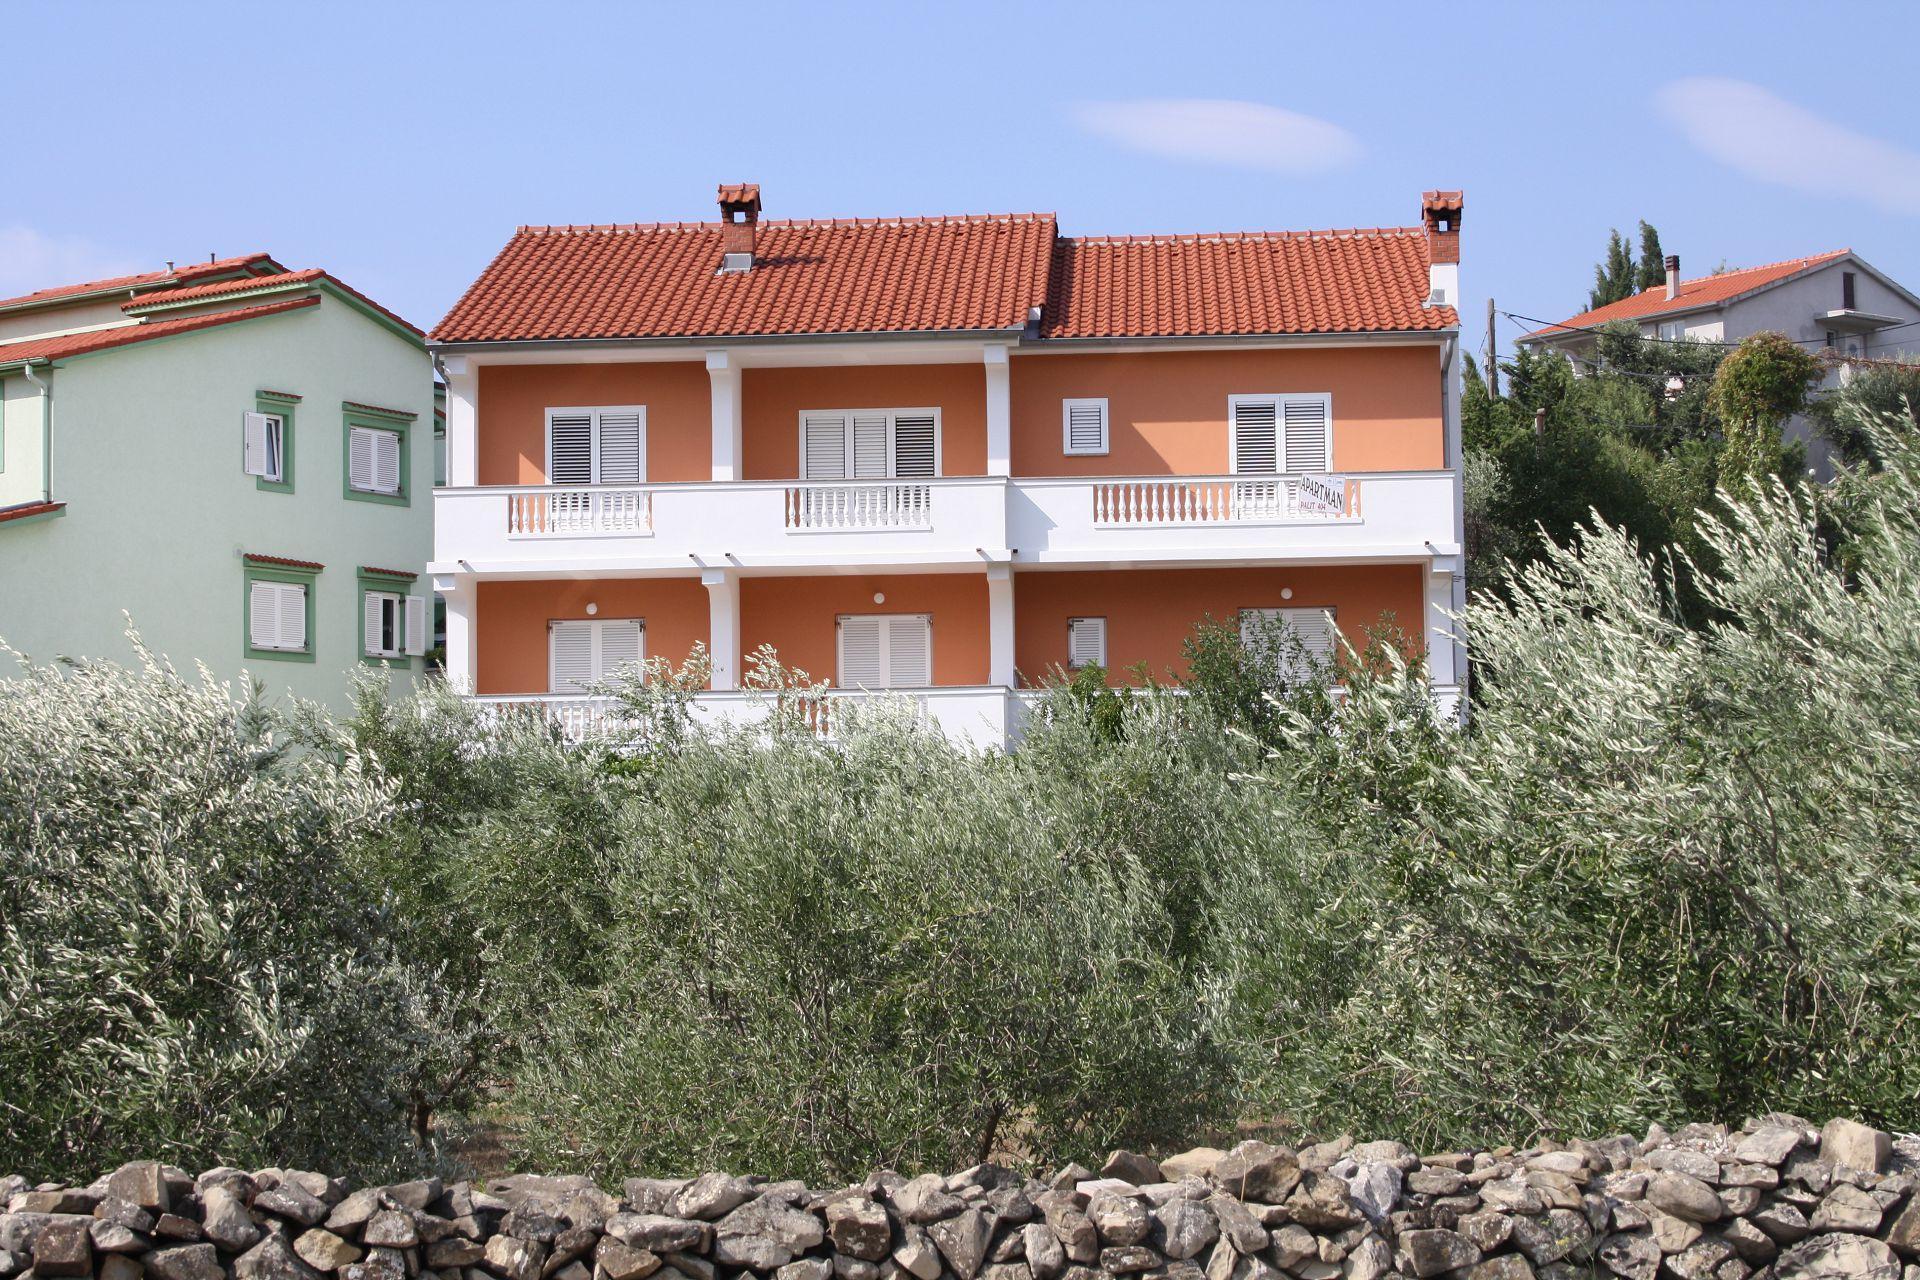 35489  - Palit - Appartamenti Croazia